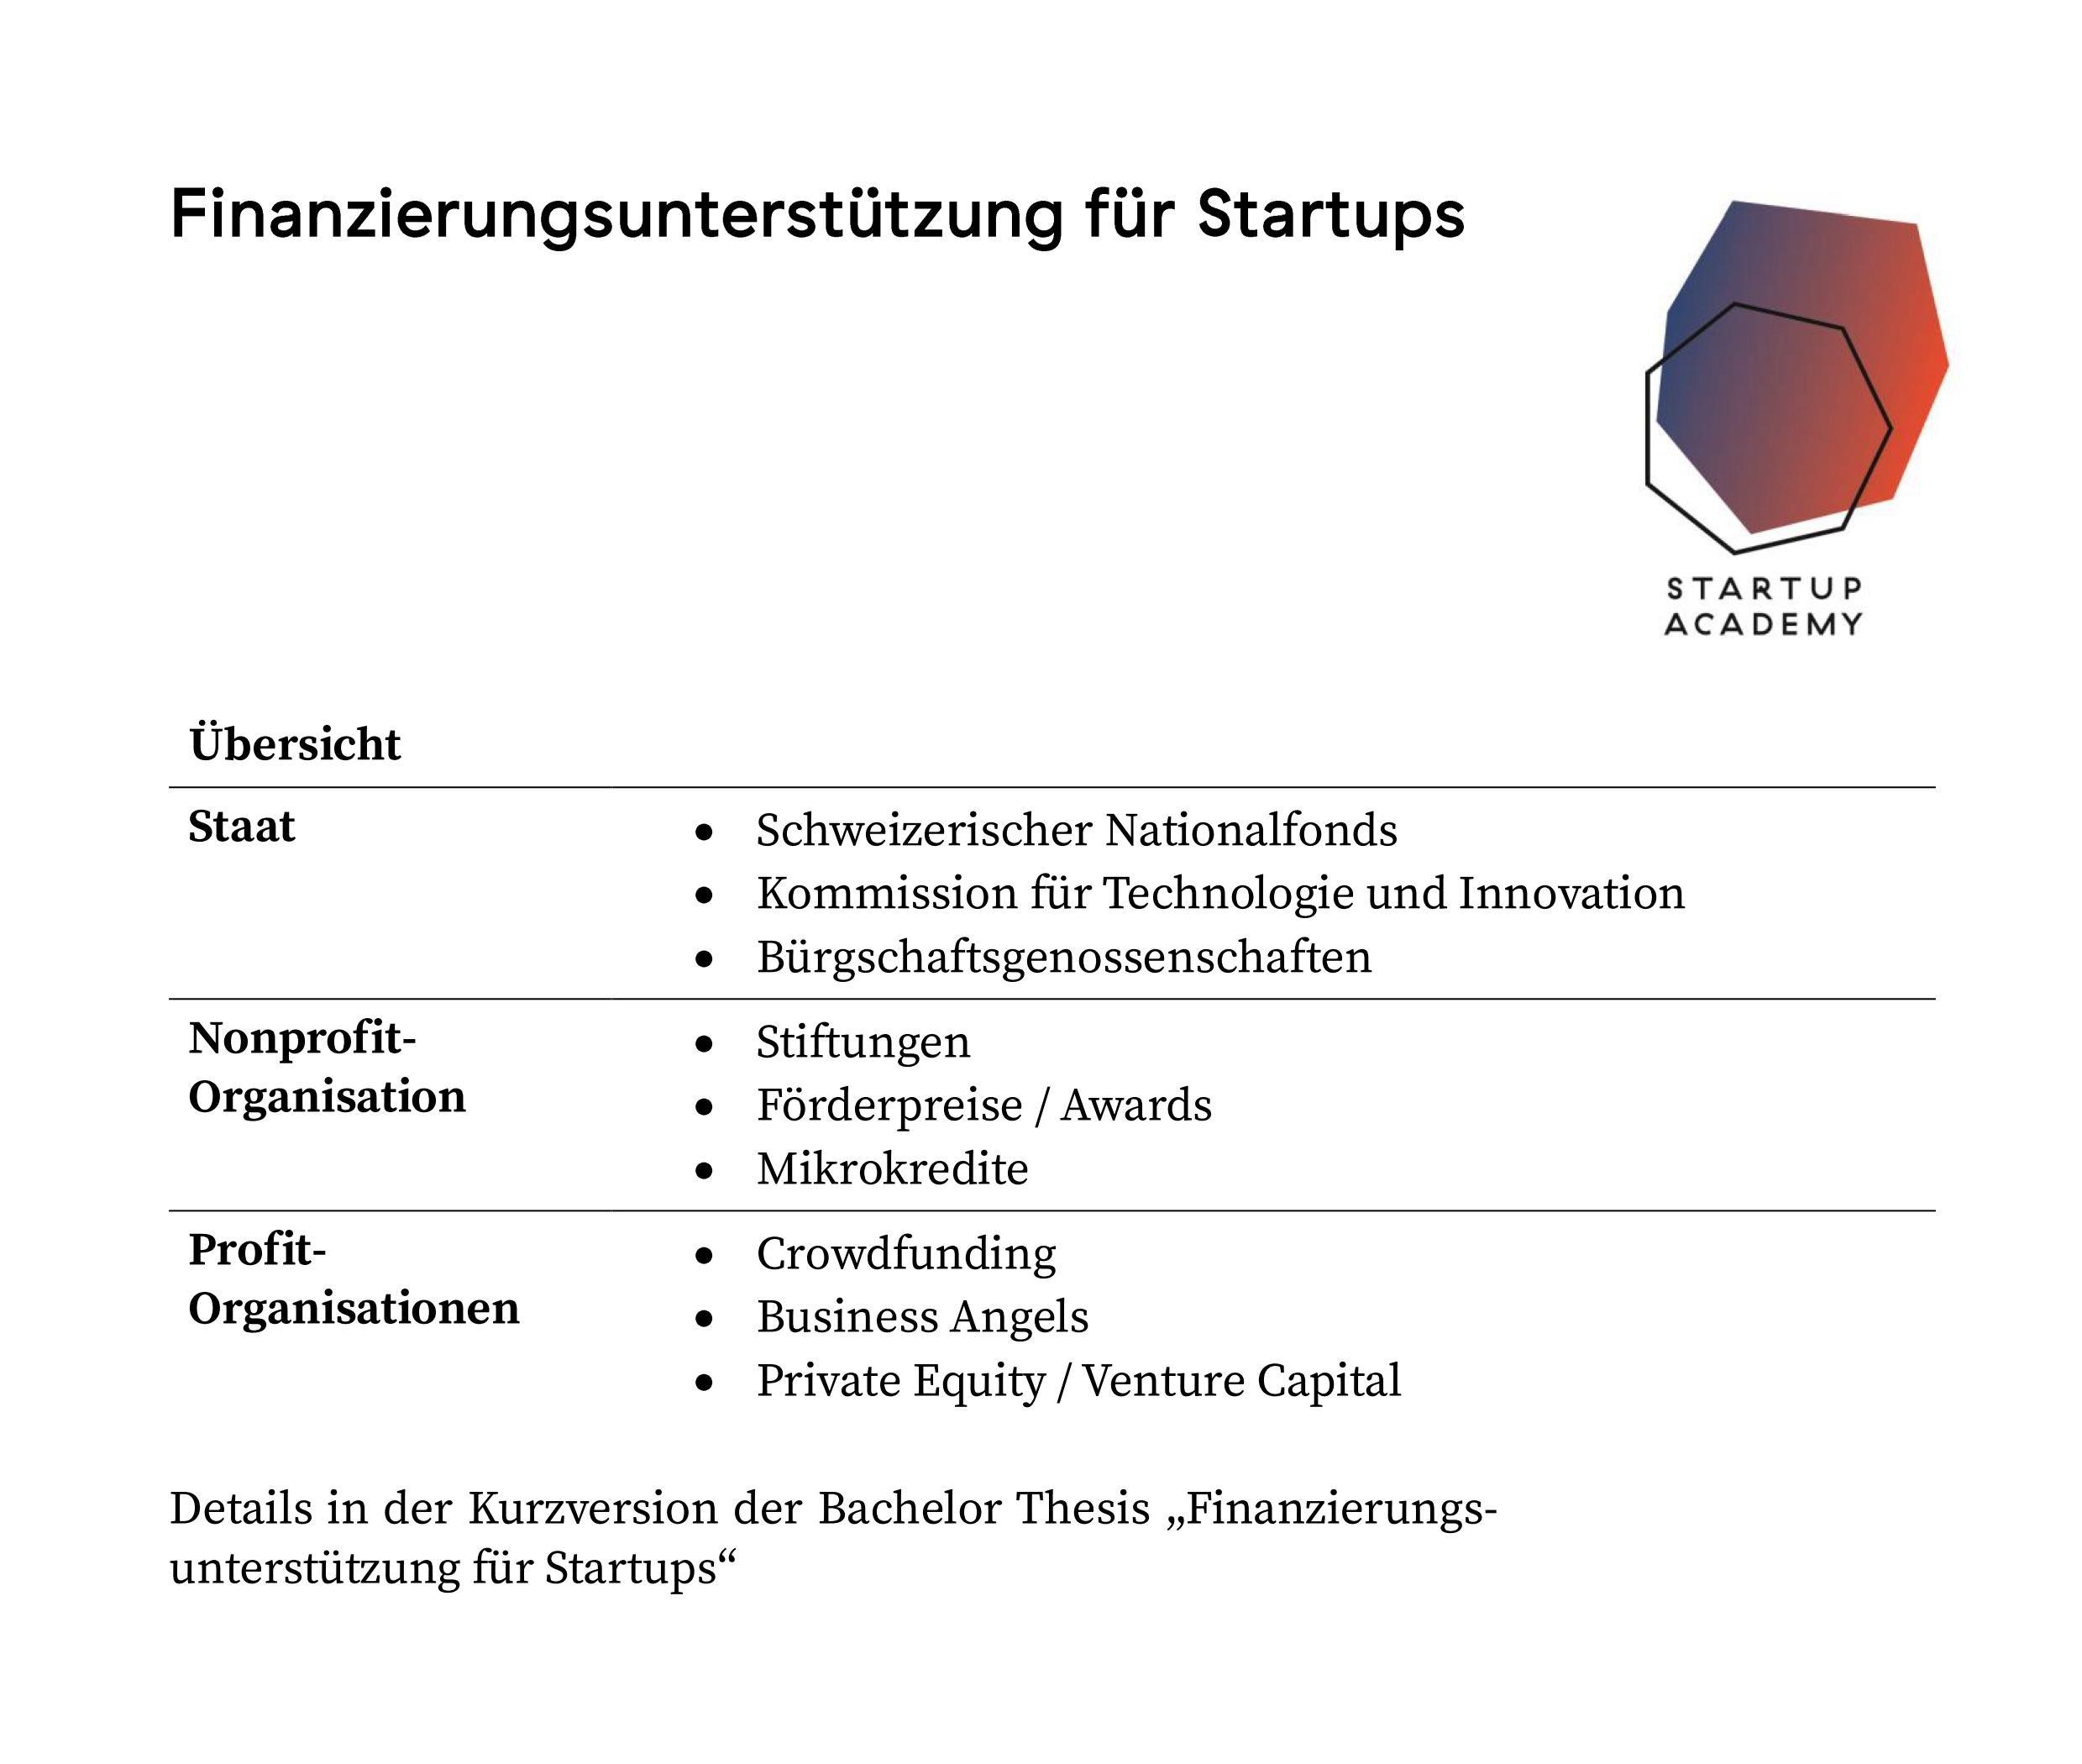 Finanzierungsunterstützung